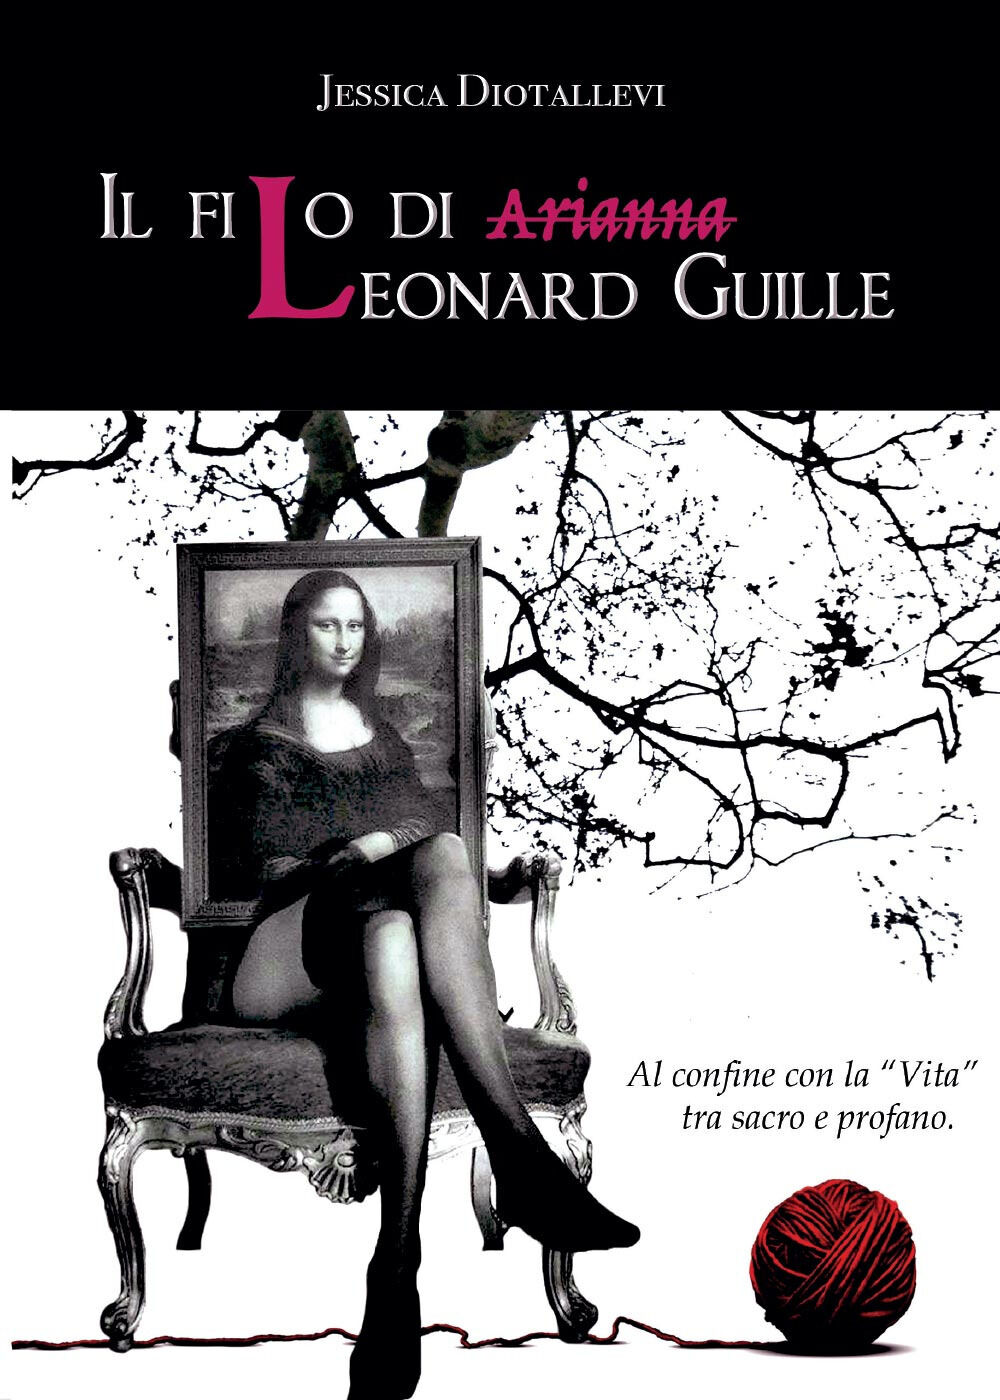 Il filo di Leonard Guille. Al confine con la vita, tra sacro e profano